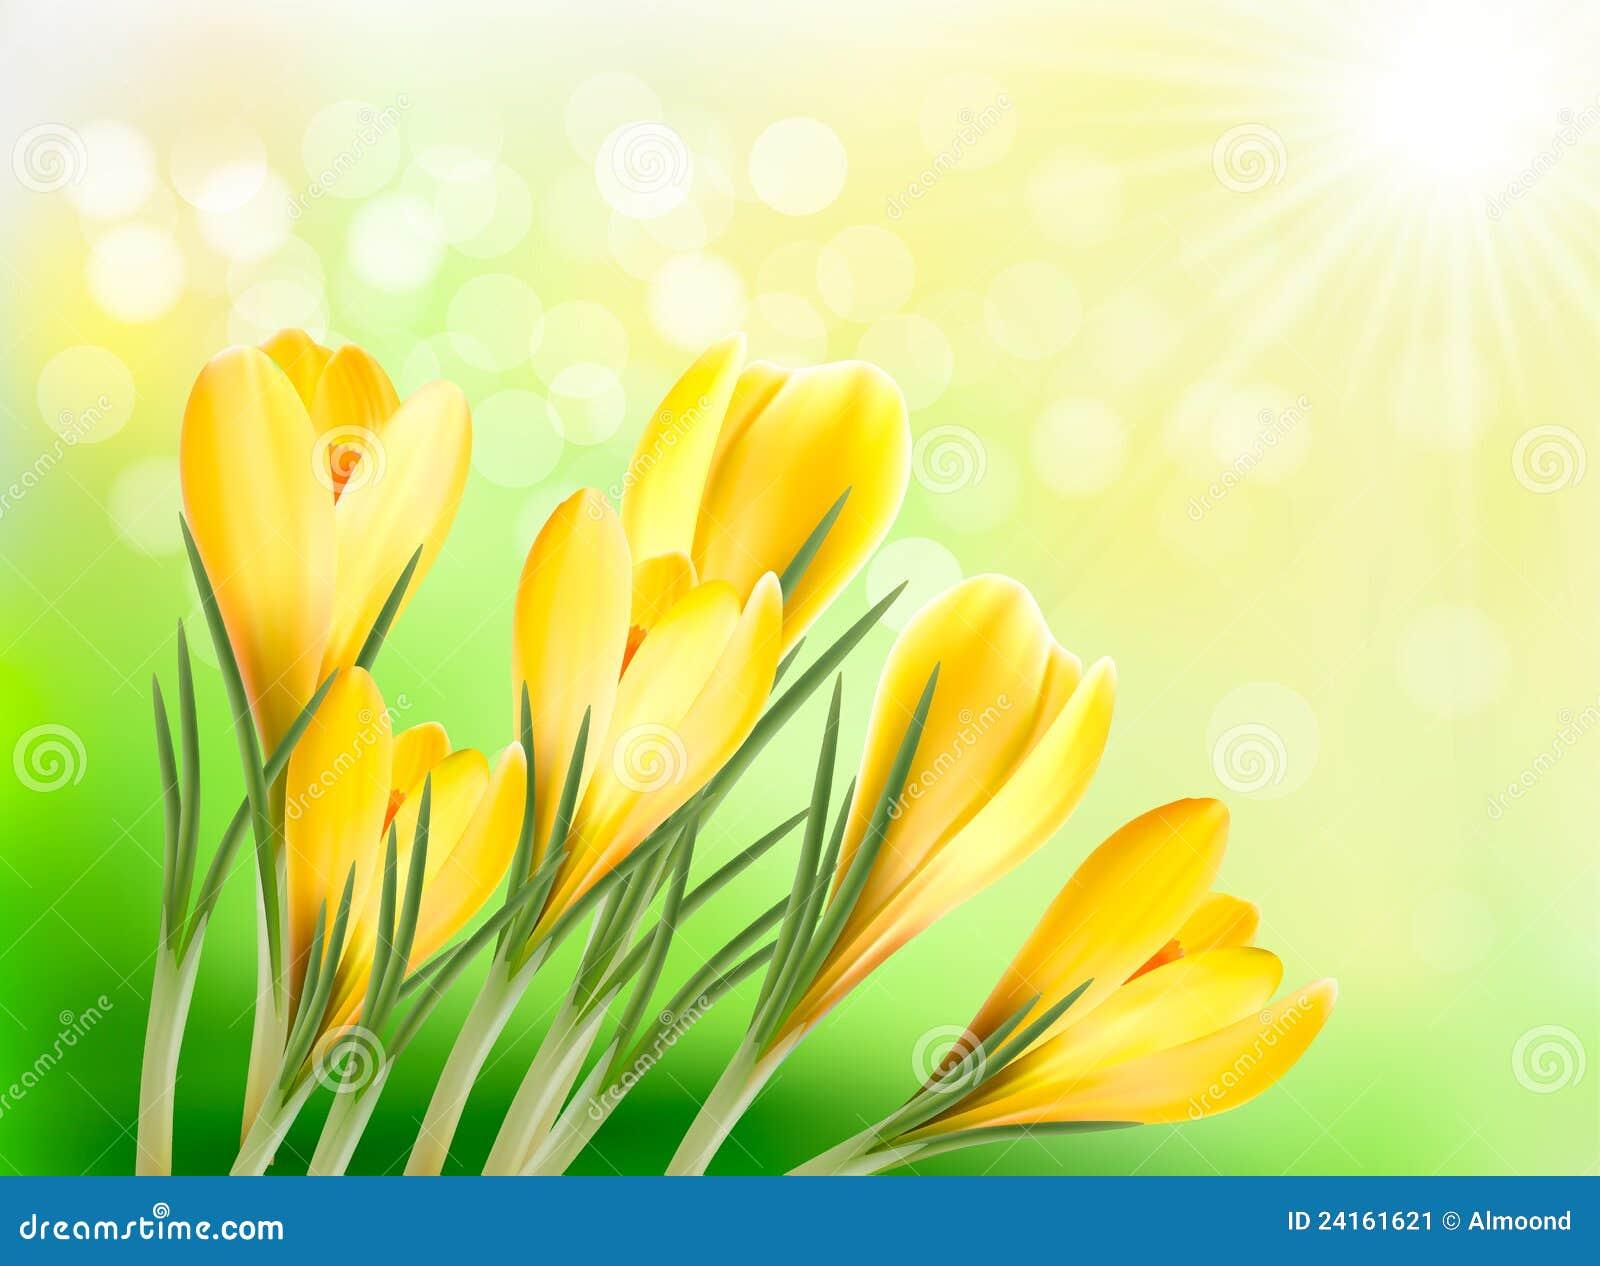 De Achtergrond Van De Lente Met Gele Krokus Stock Afbeelding   Afbeelding  24161621